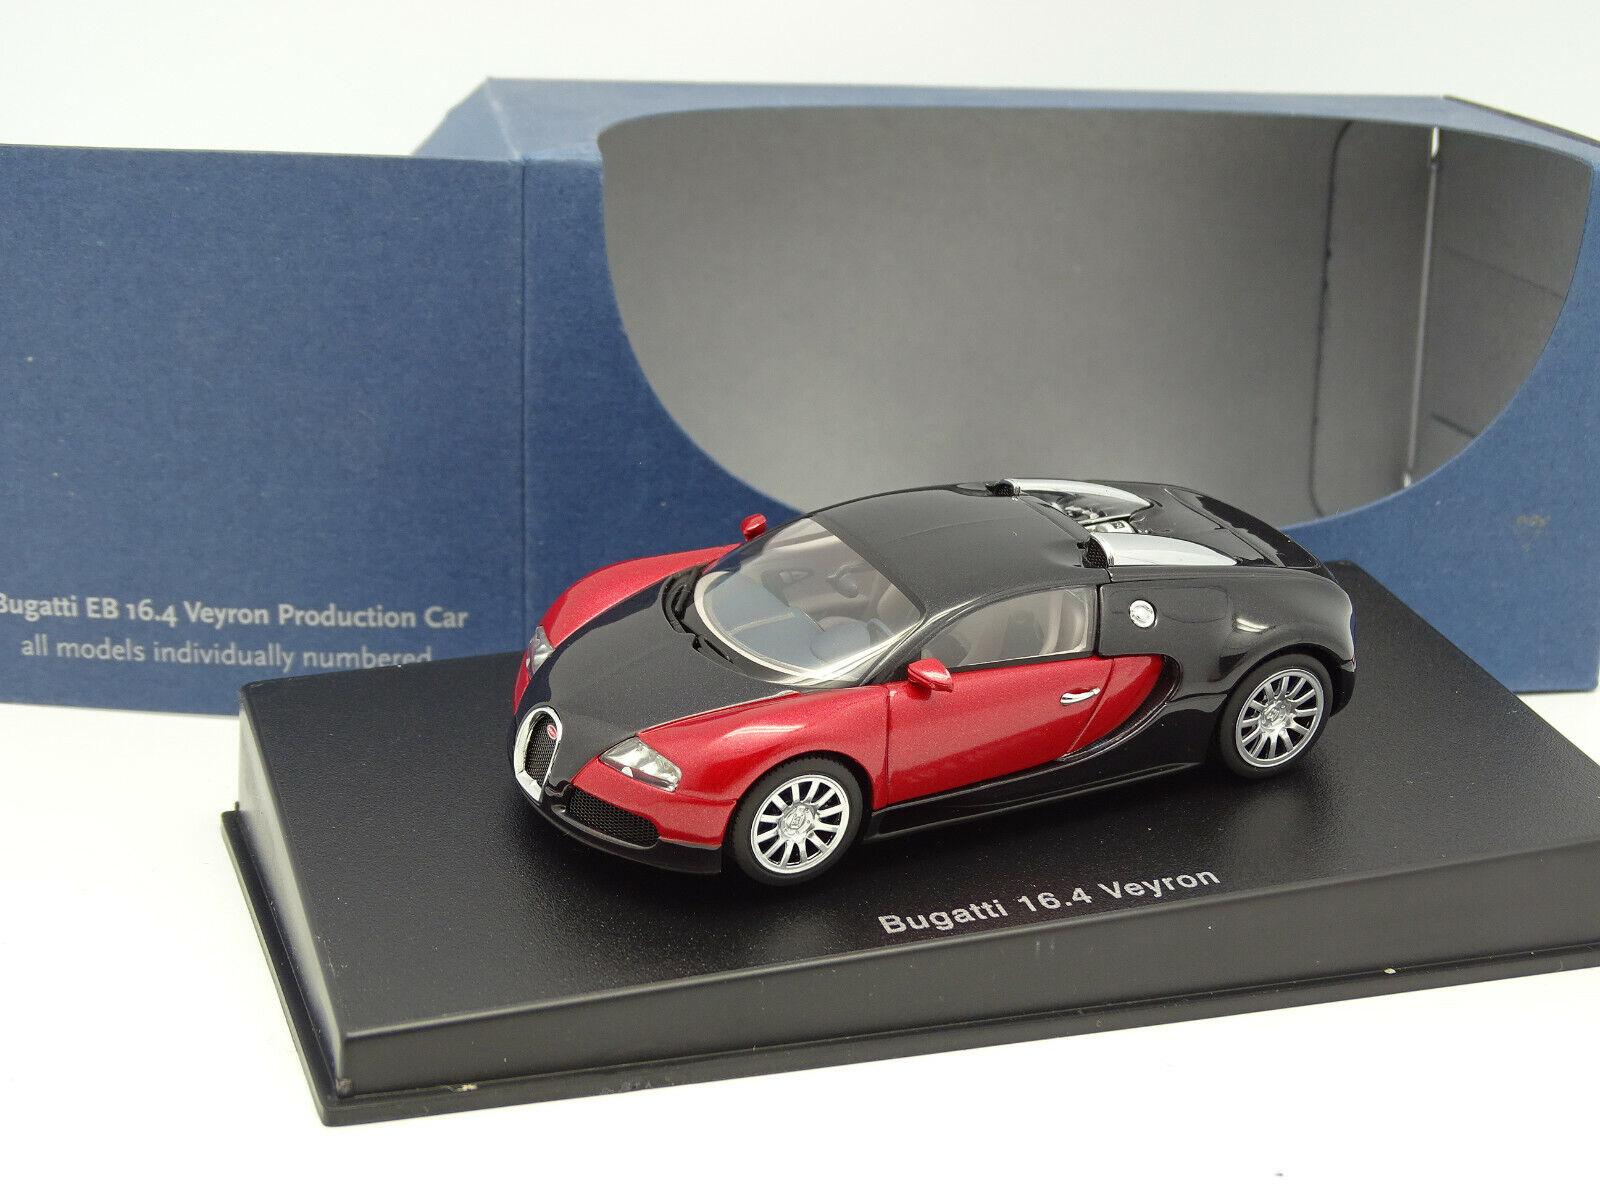 para proporcionarle una compra en línea agradable Auto Art 1 43 - Bugatti Eb 16.4 16.4 16.4 Veyron Producción Coche Negra y Rojo  Precio al por mayor y calidad confiable.